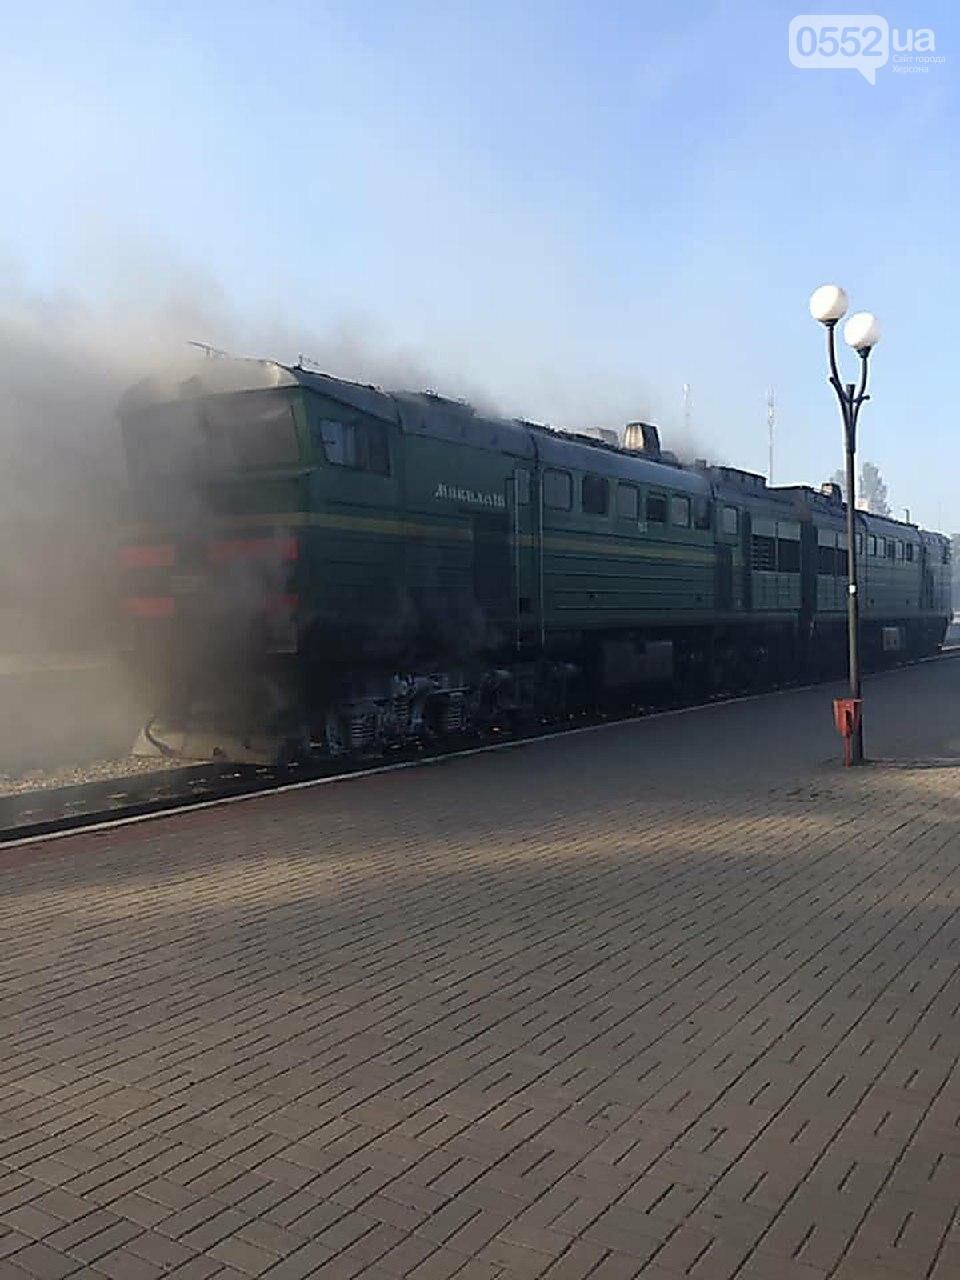 Загорелся локомотив поезда Херсон-Киев: перепуганные люди в шоке прыгали из окон (ВИДЕО), фото-5